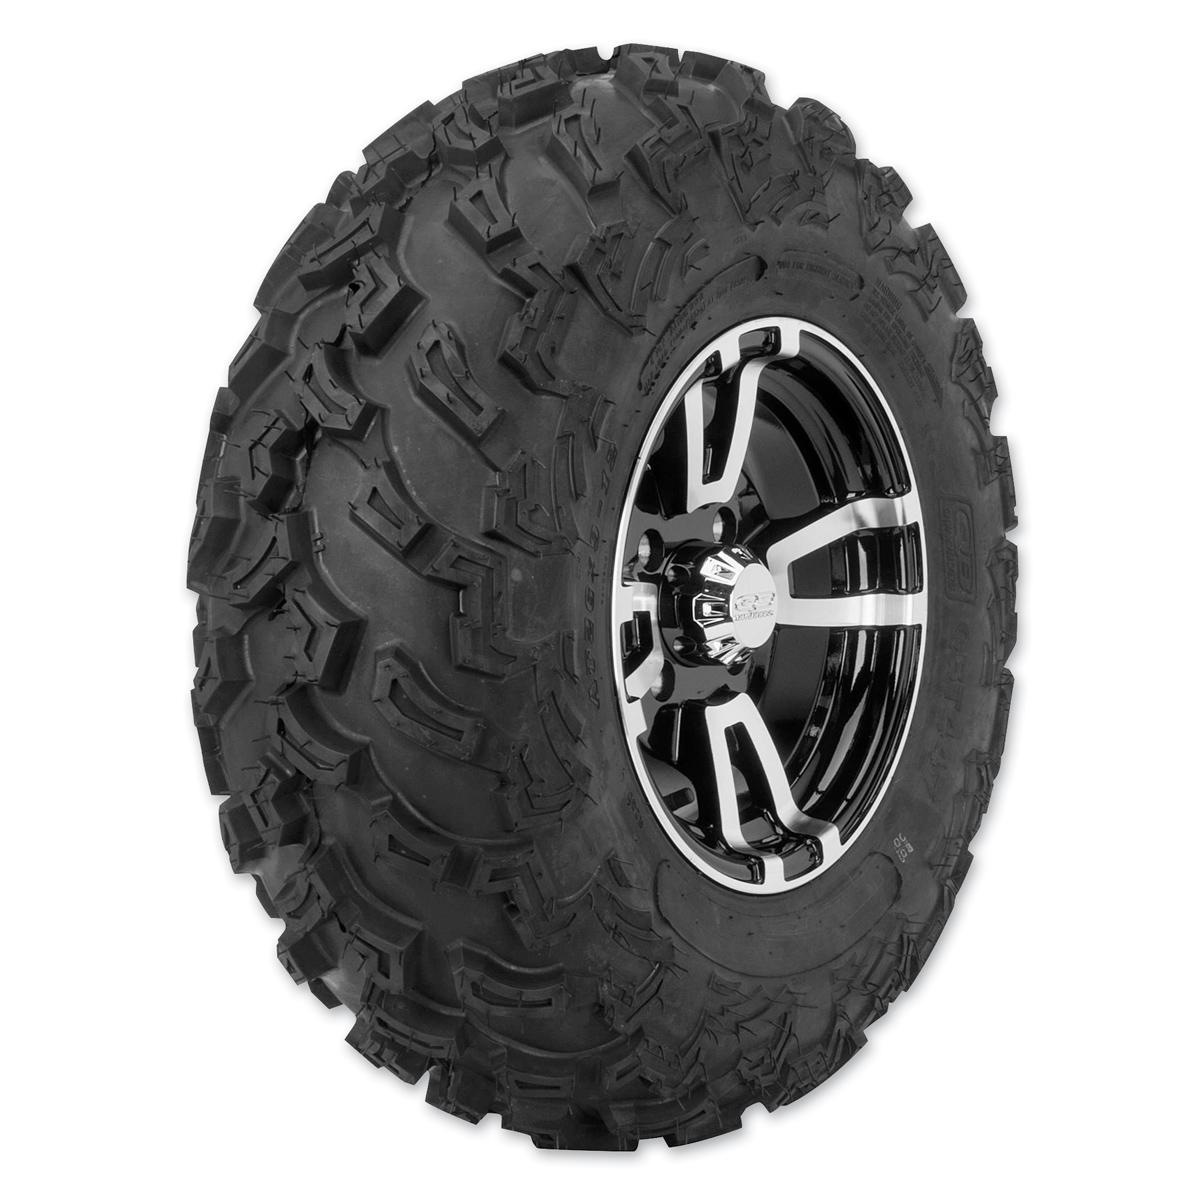 Quadboss QBT447 26X9-14 6-Ply Front Tire